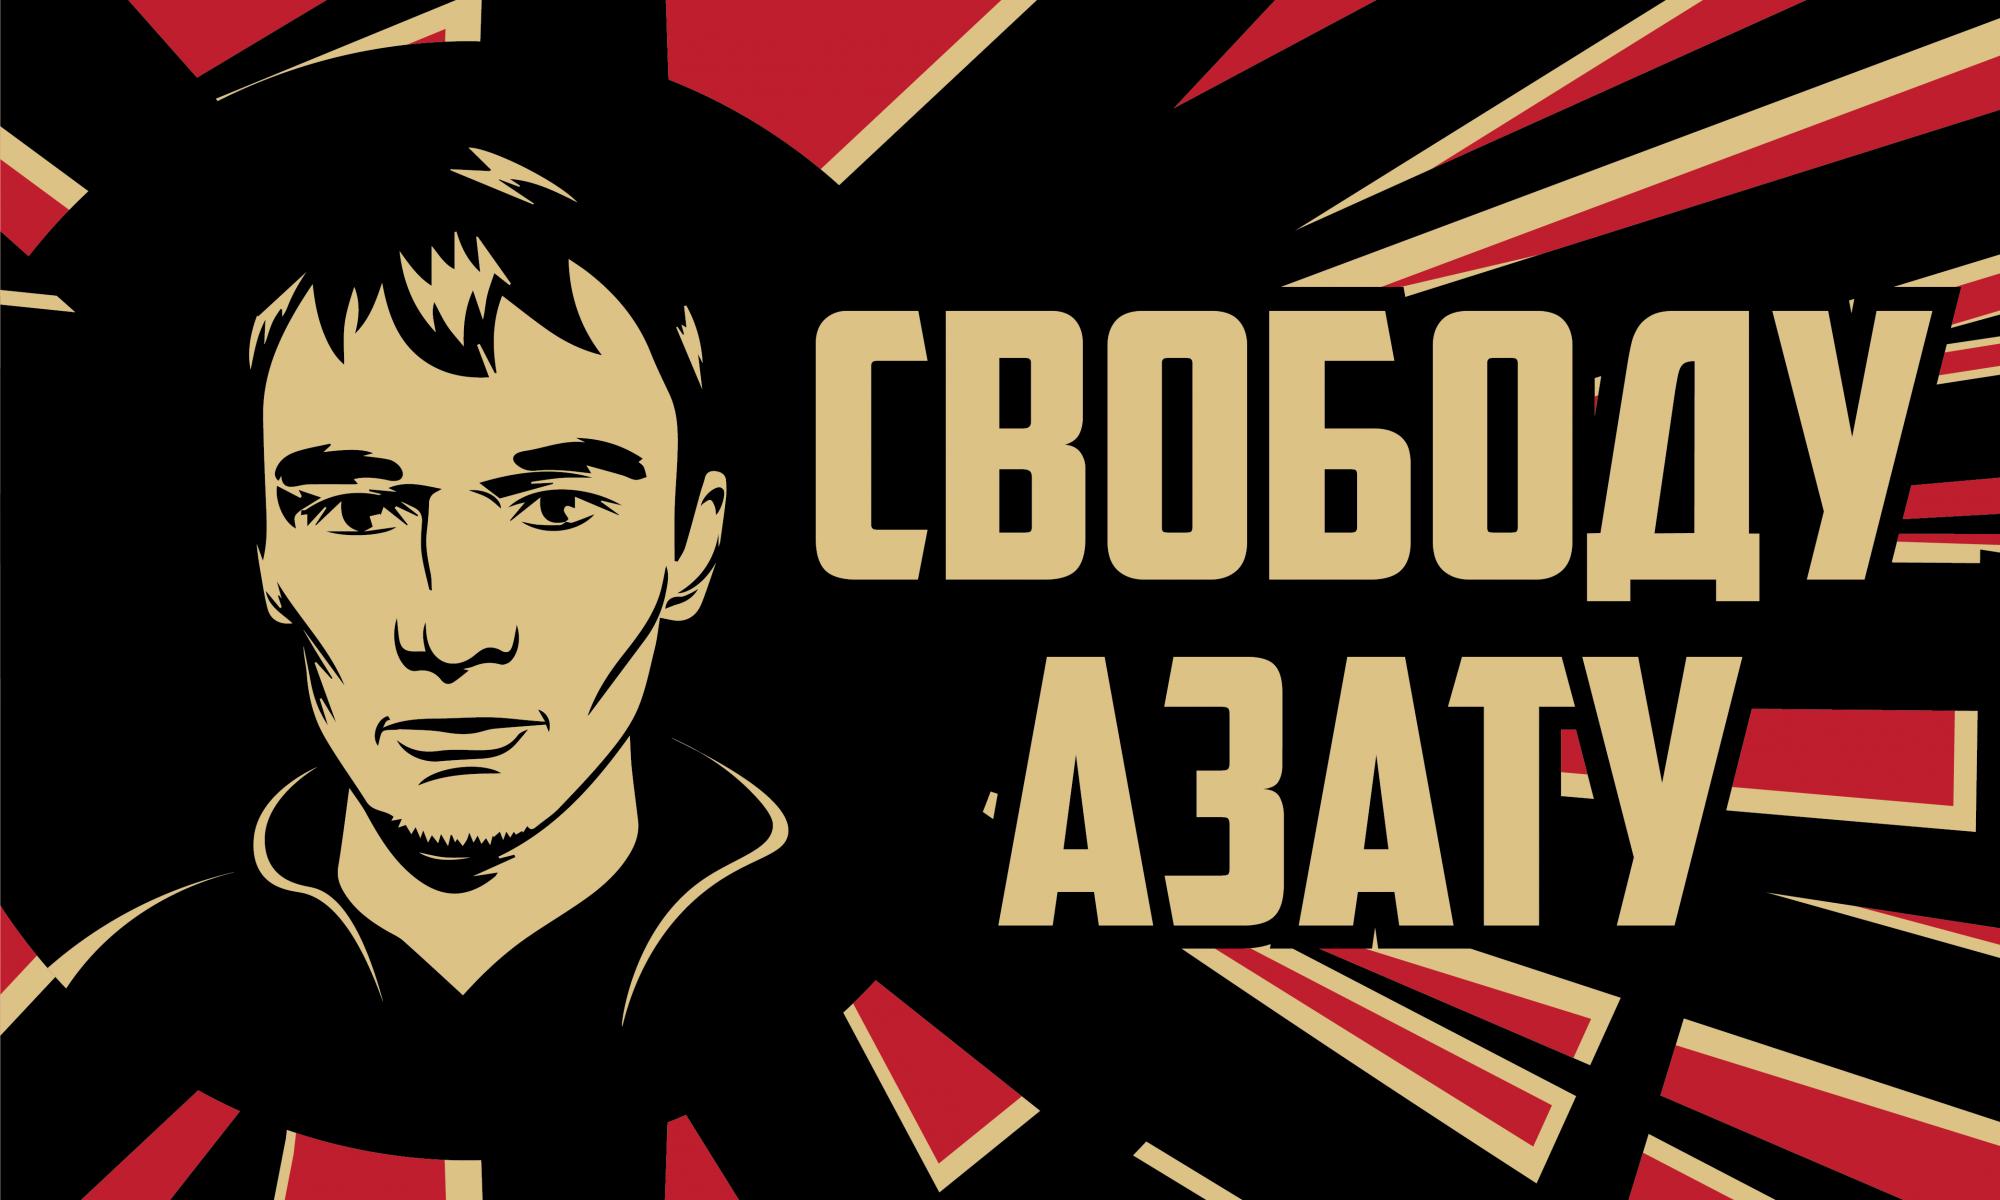 Freedom for AZAT!